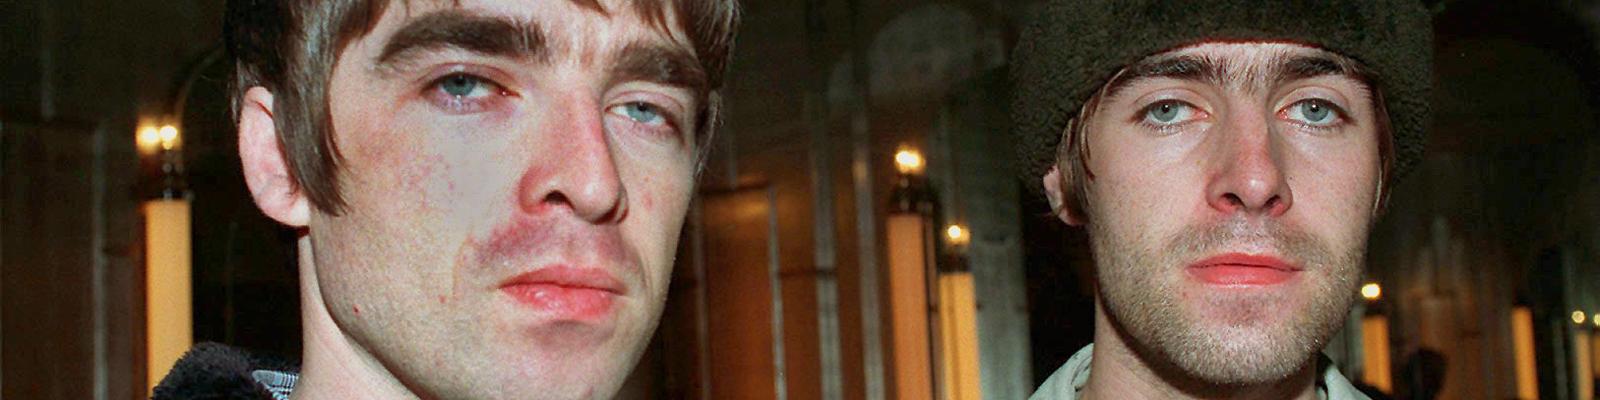 """Noel (l.) und Liam Gallagher der britischen Pop-Gruppe """"Oasis"""" brachen 1996 im Streit ihre US-Tour ab."""